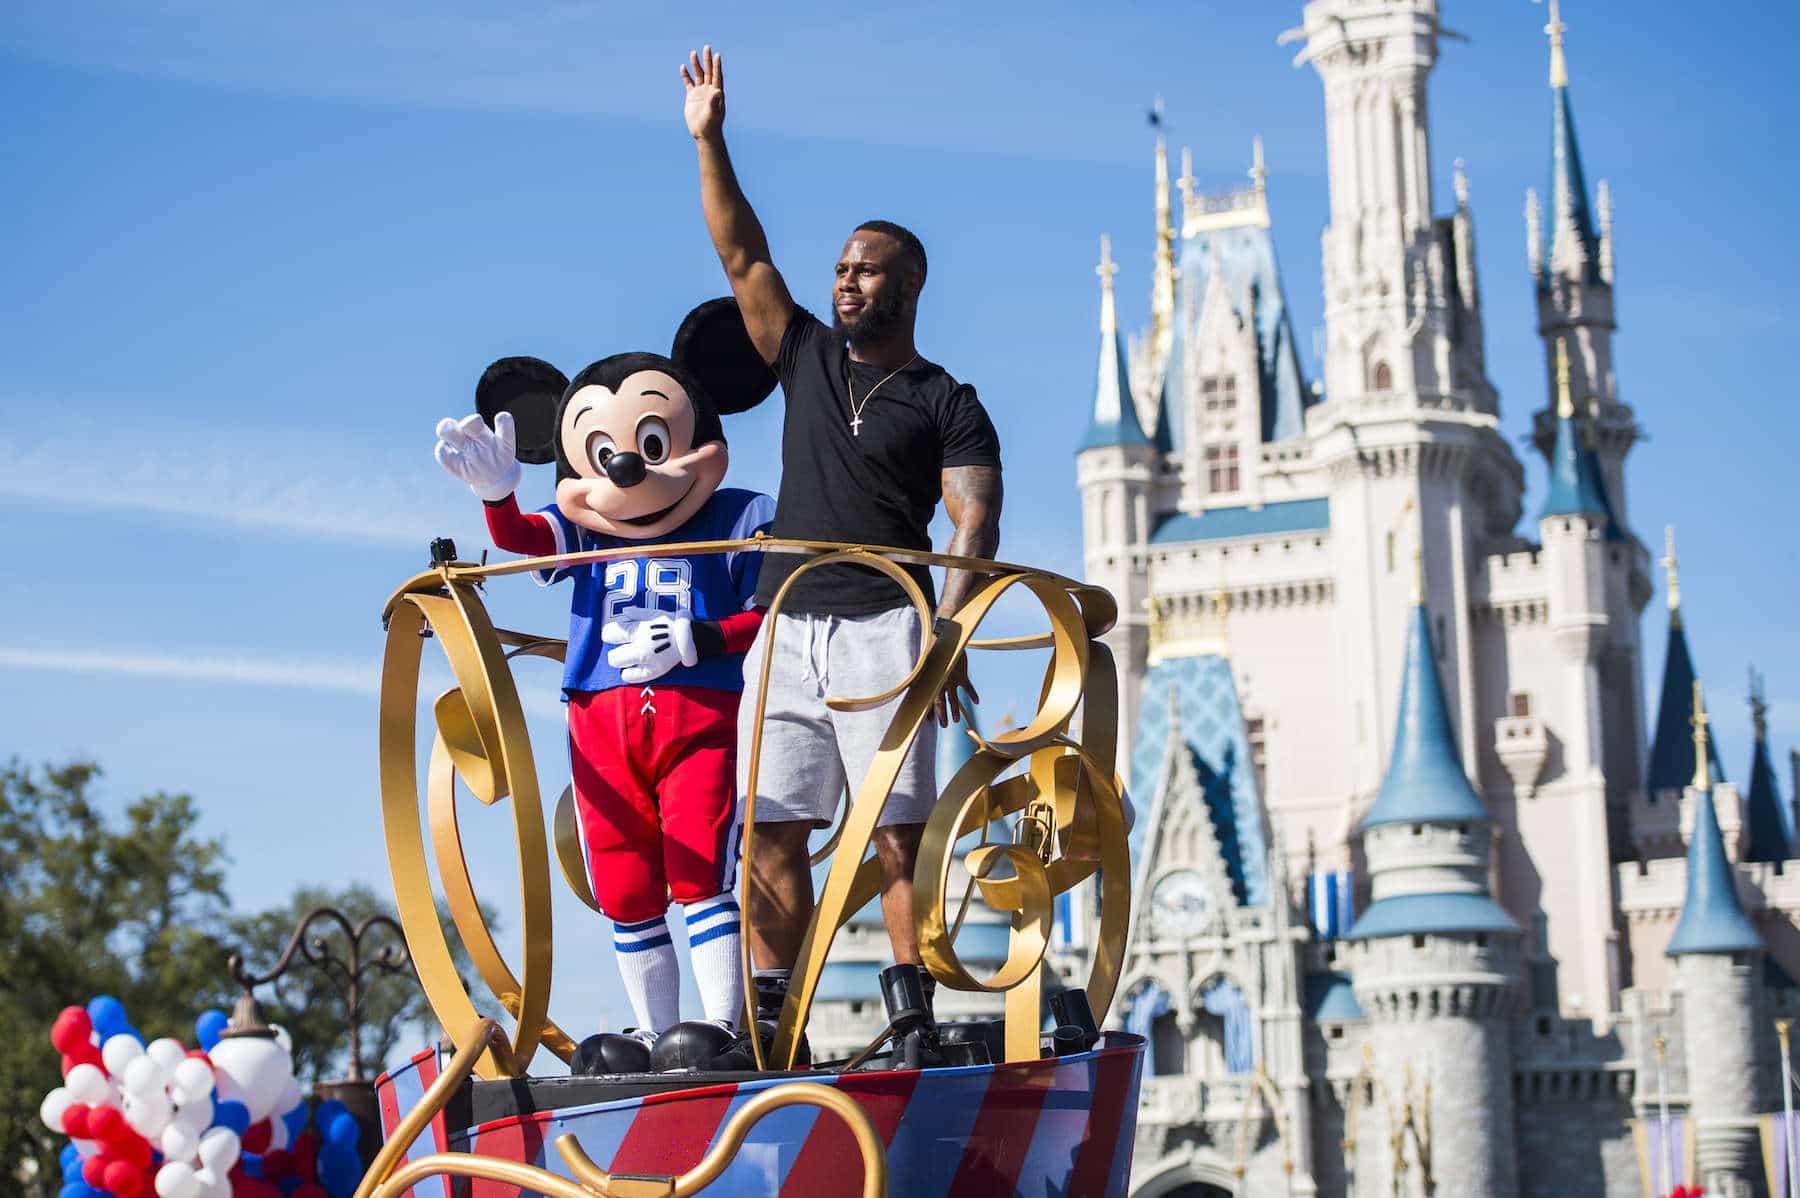 NFL Super Bowl star running back James White starred in a milestone Disney moment Monday, Feb. 6, 2017 (Steven Diaz, photographer)